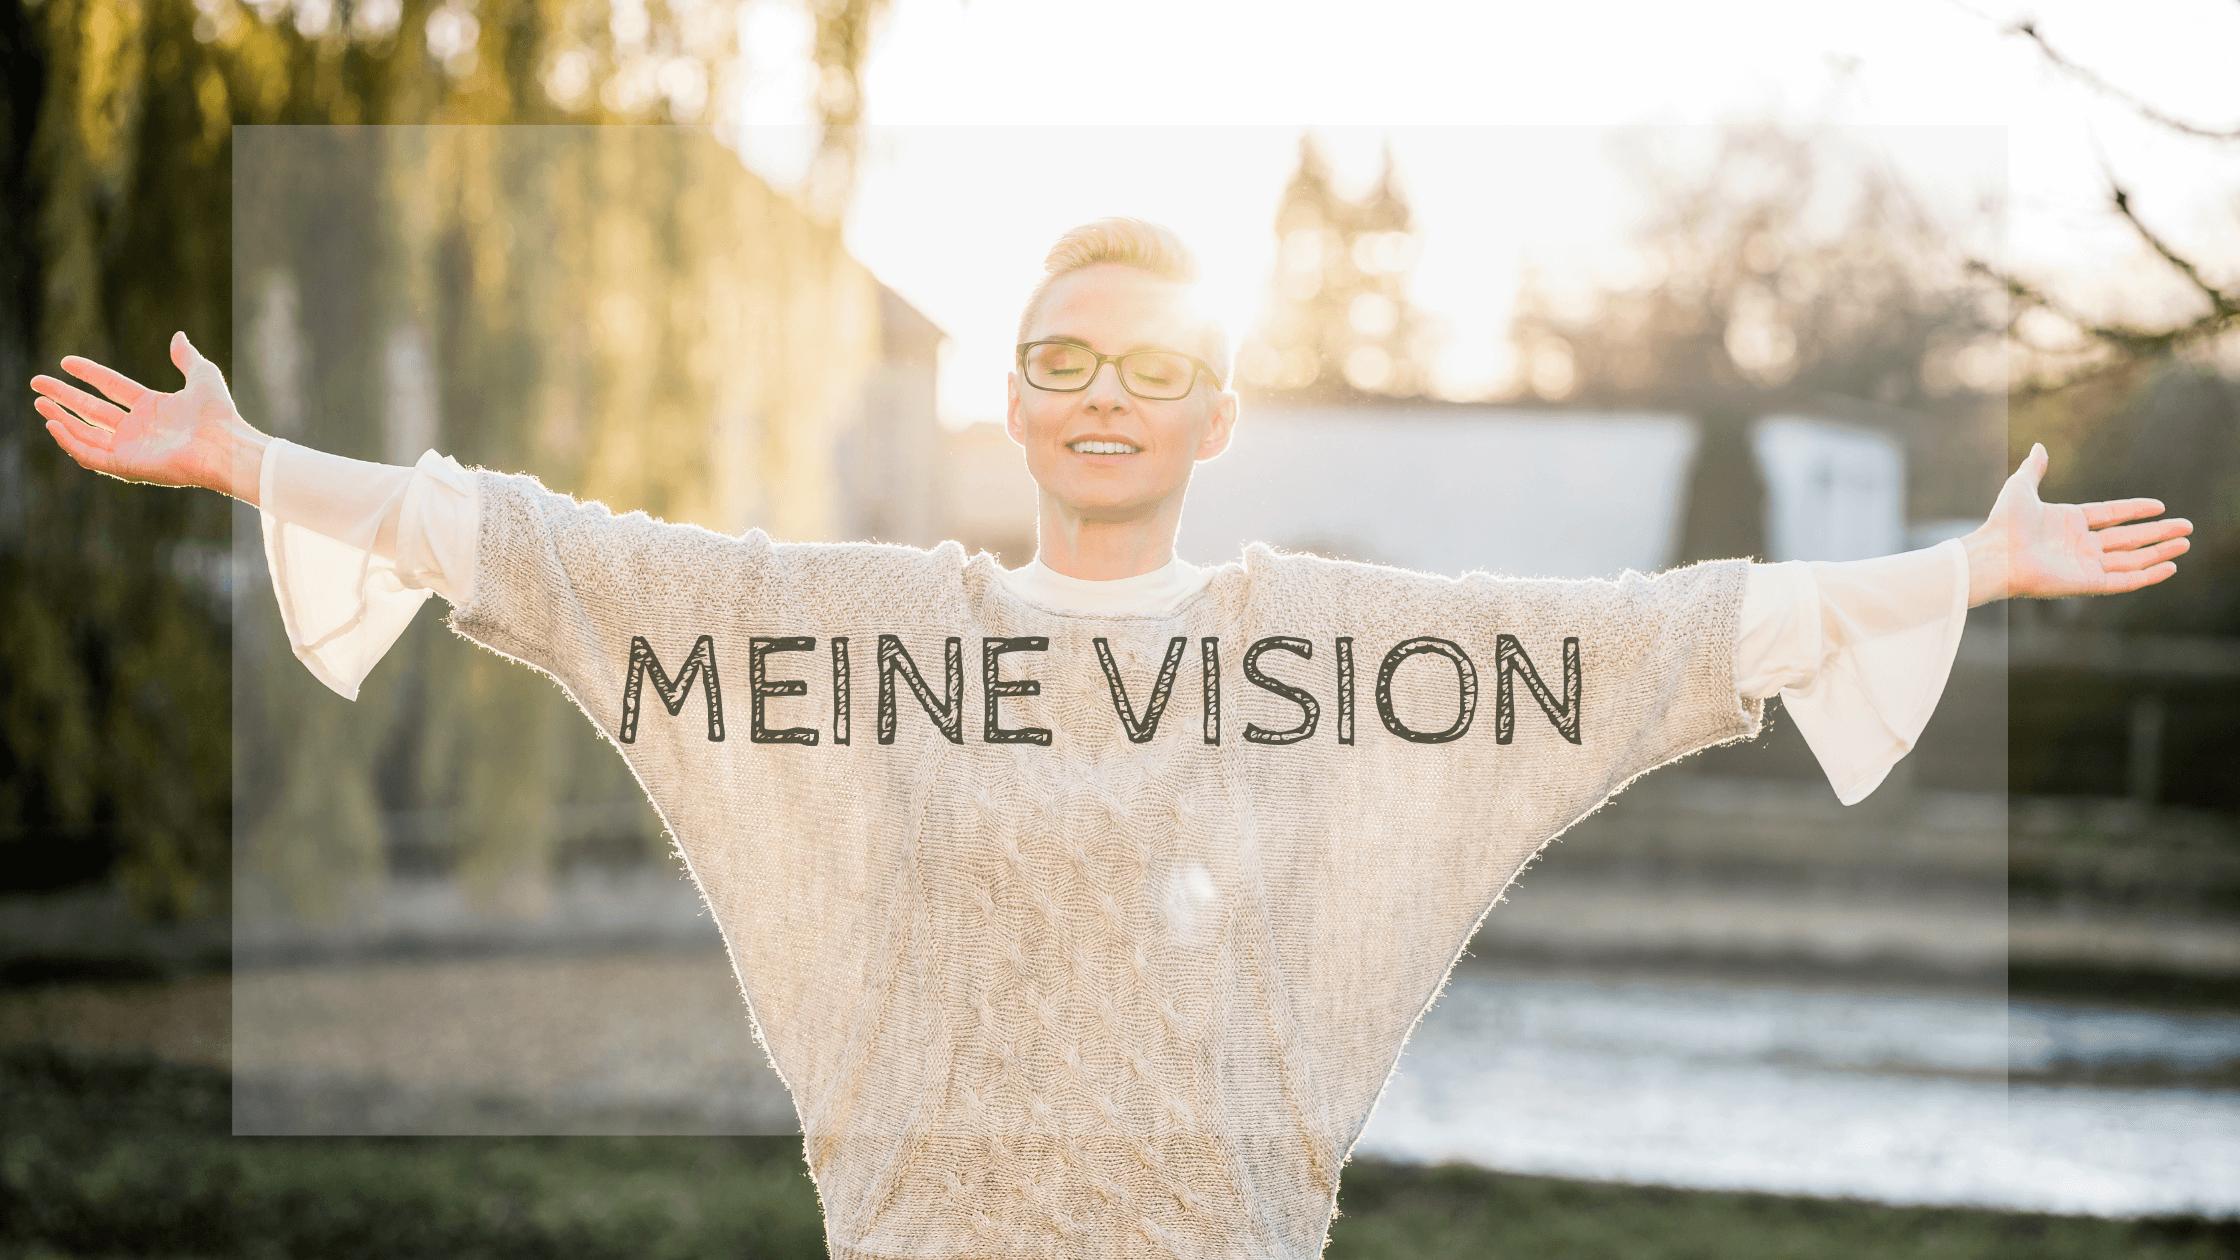 Meine Vision und was ich mir für die Menschen wünsche